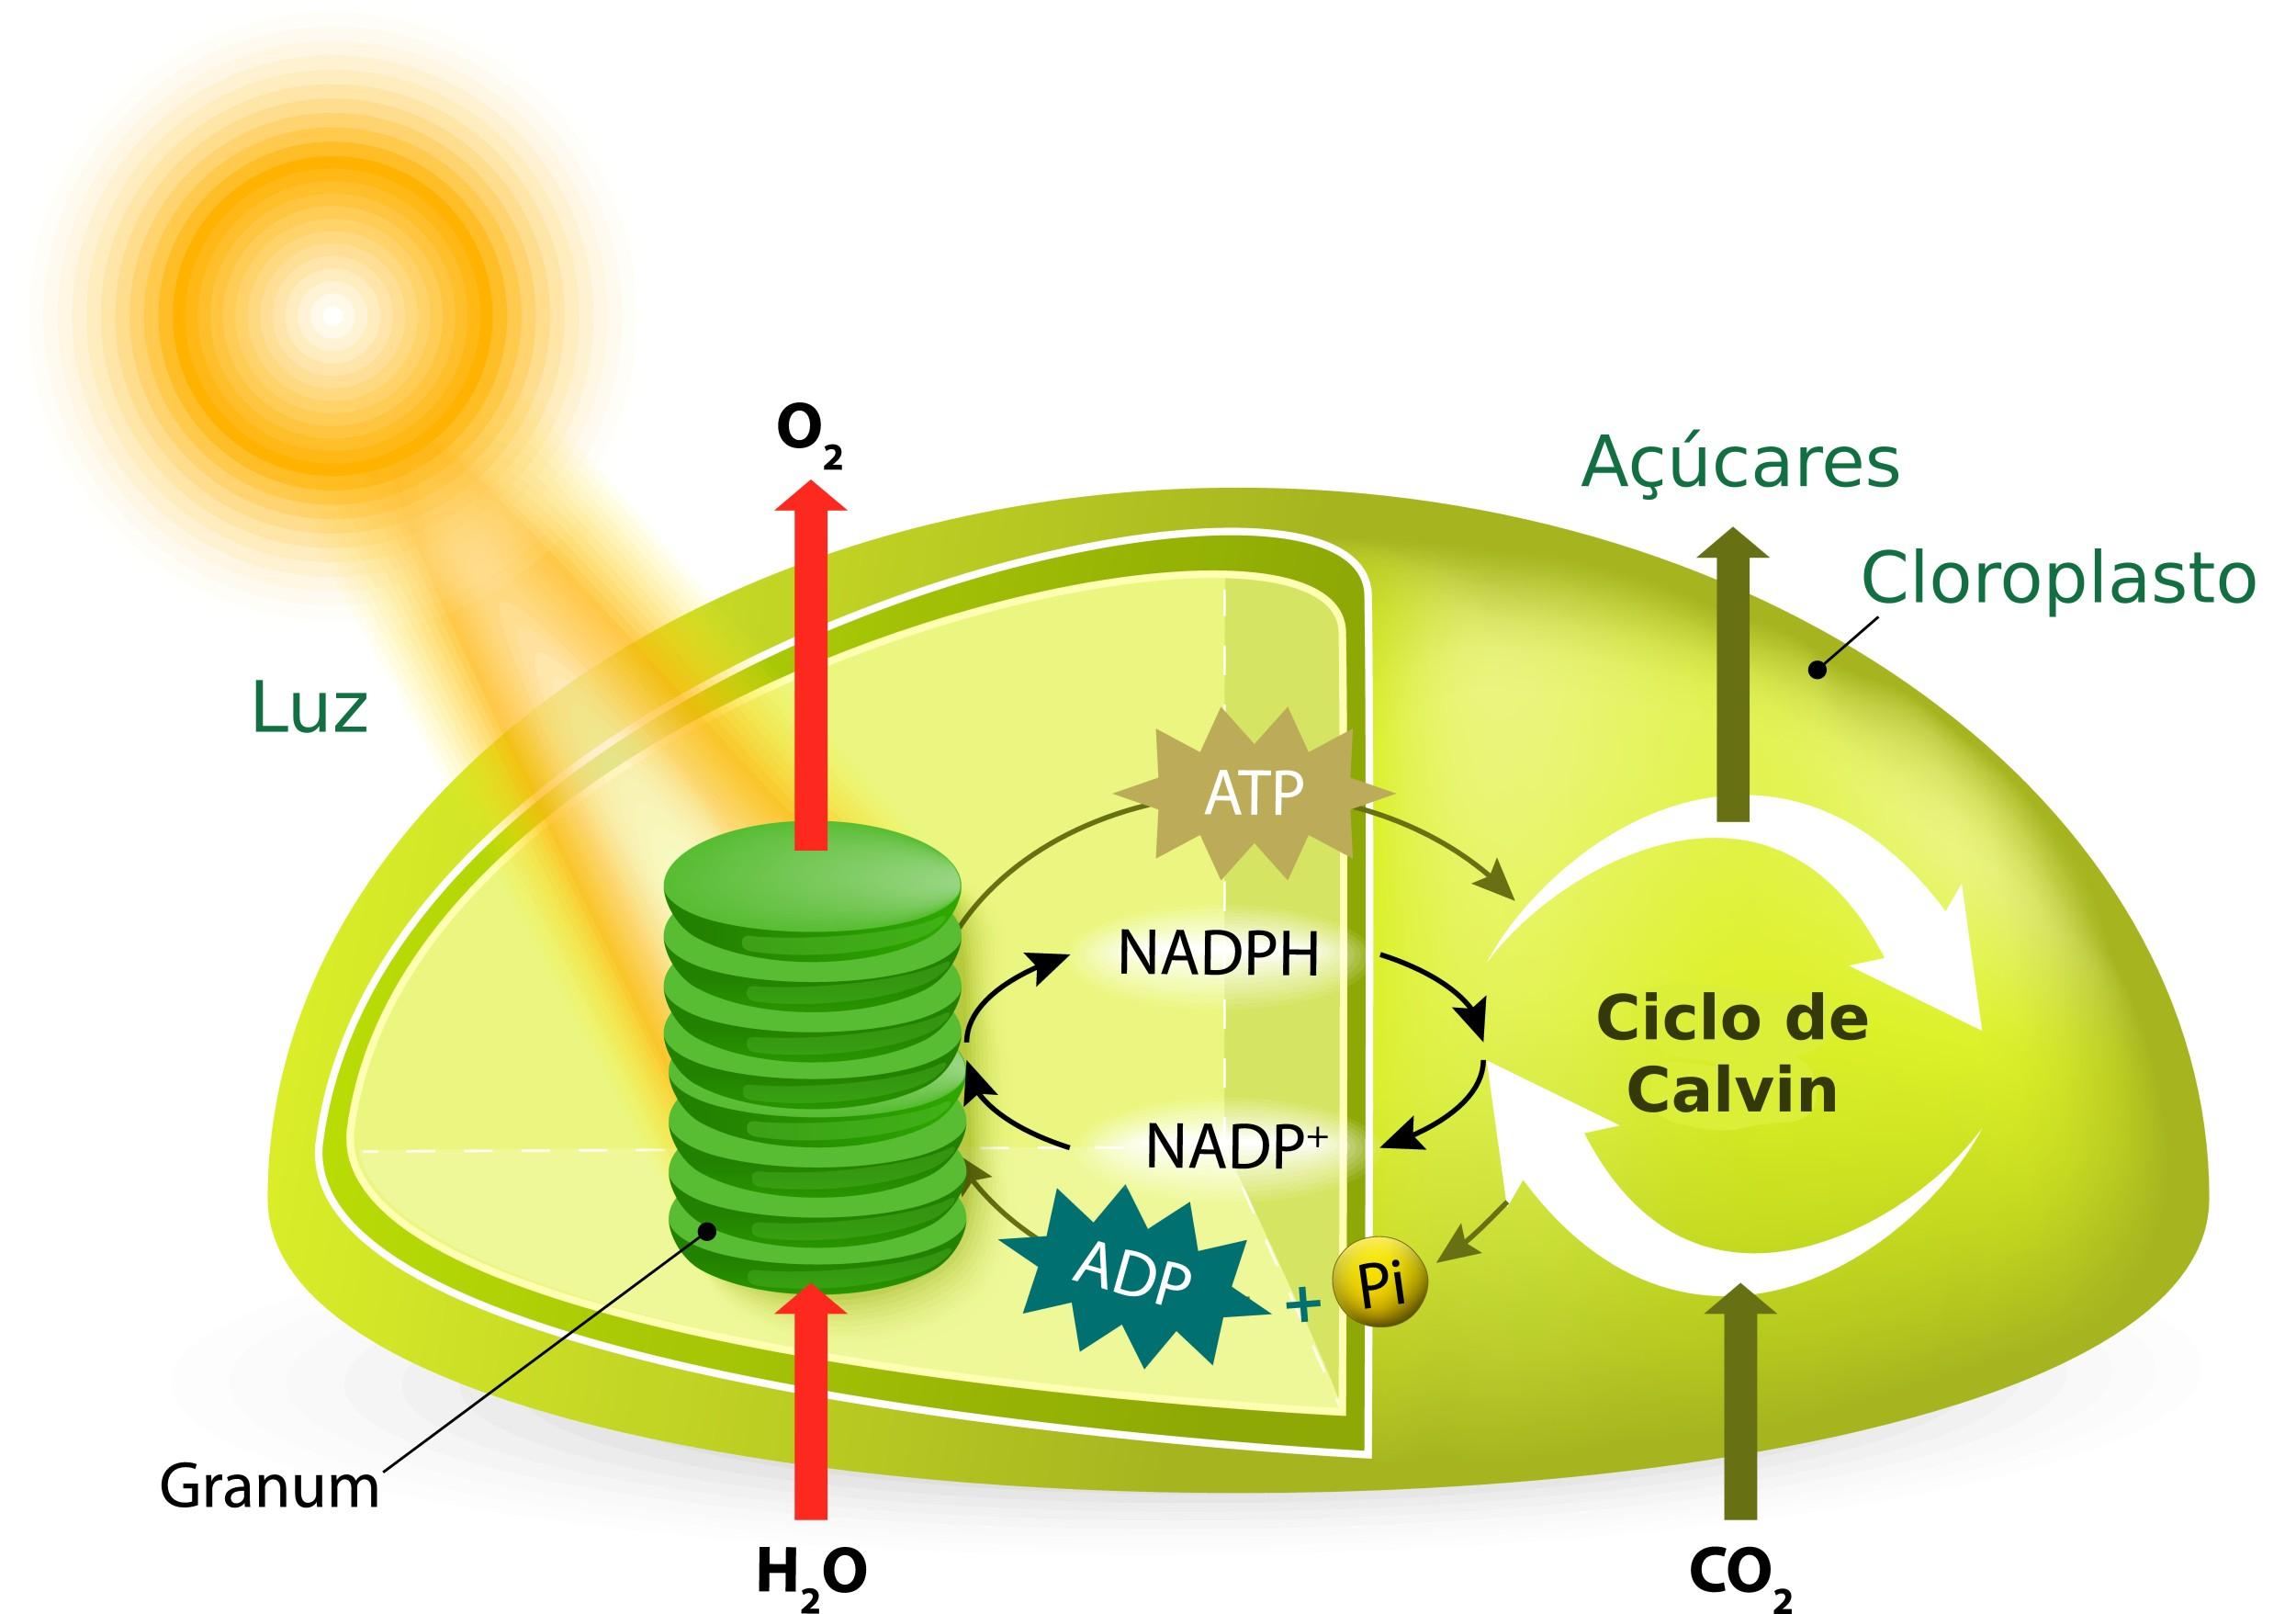 Fotossíntese - reações, etapas, ilustrações - Biologia das plantas -  InfoEscola